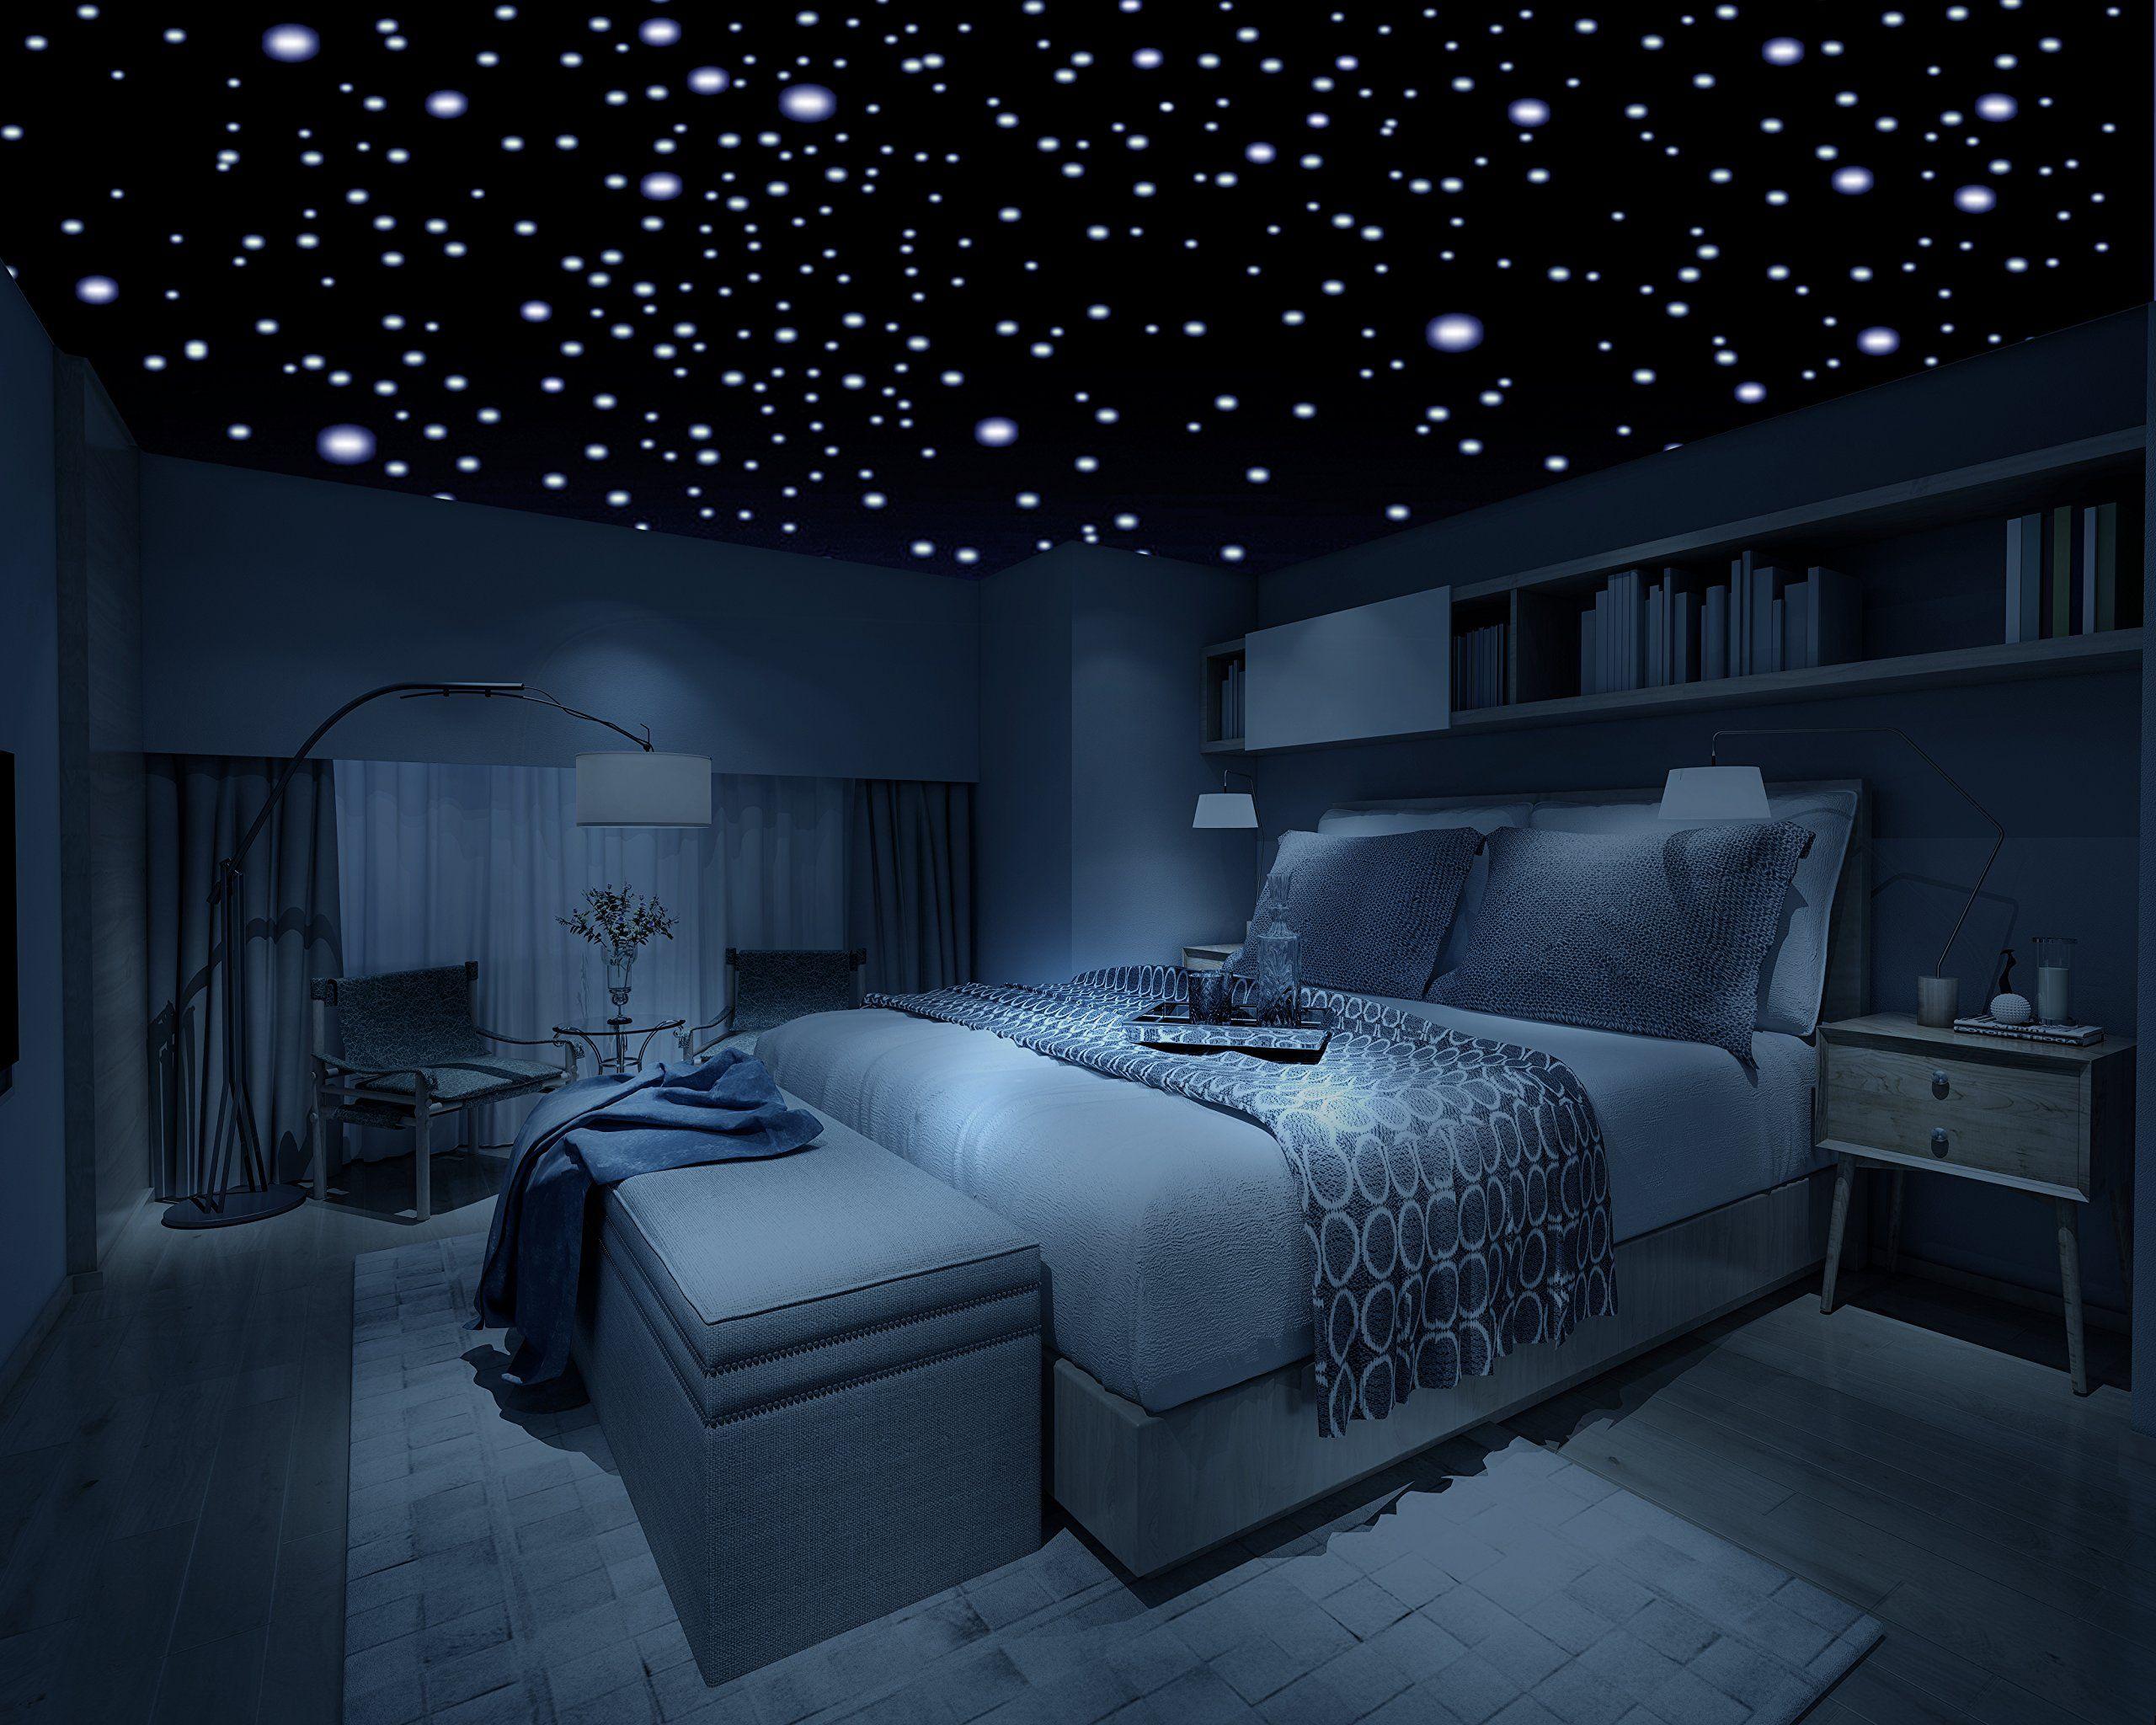 Plafoniere Camera Da Letto : Related image cool home ideas arredamento stanza da letto